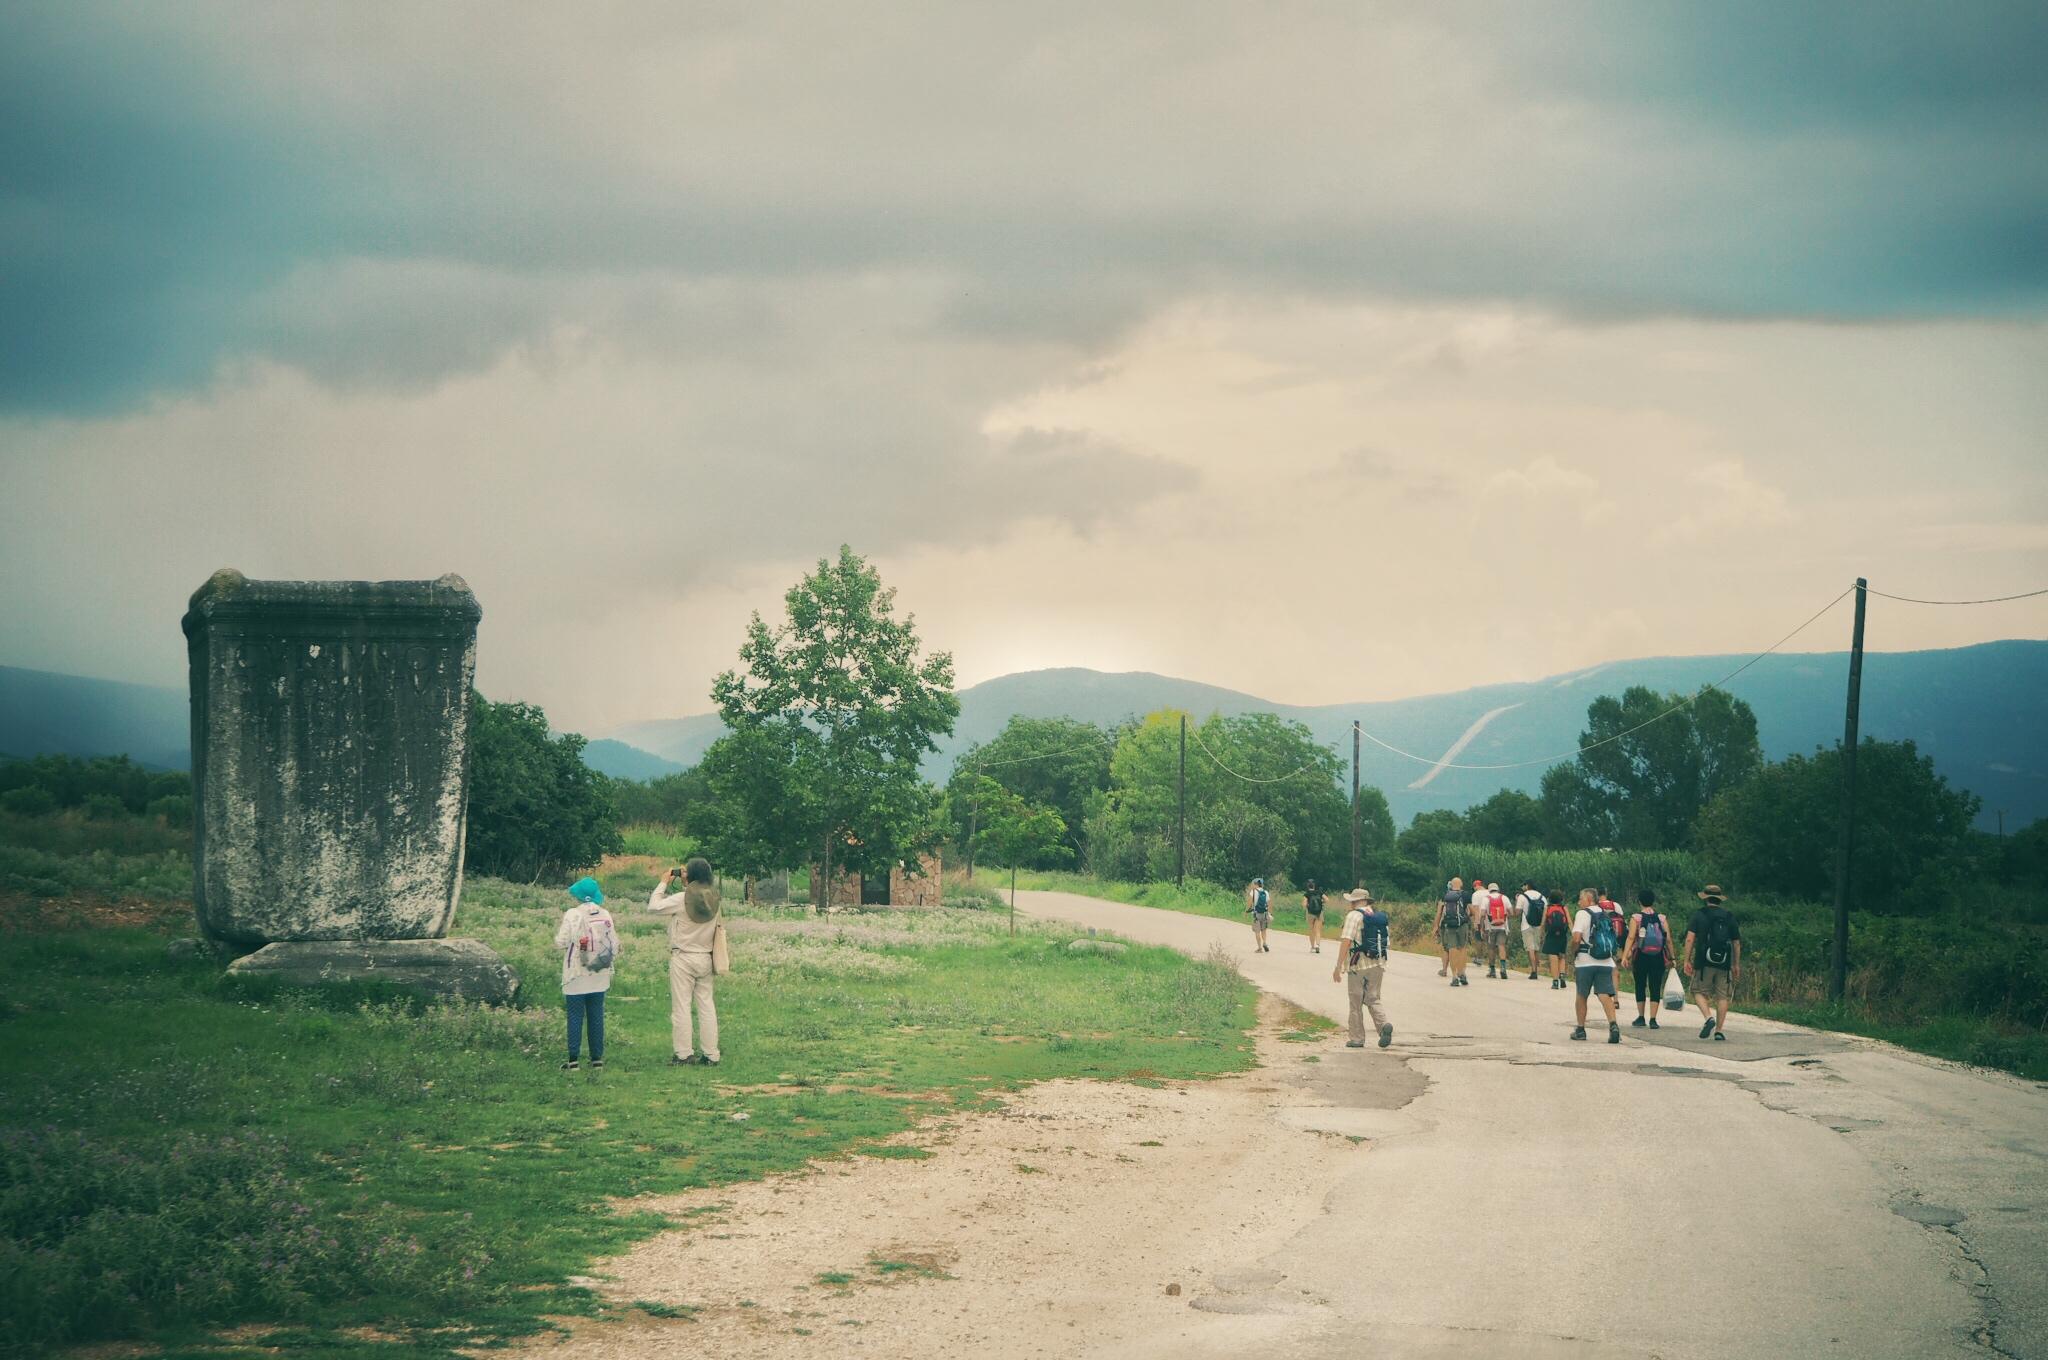 Una fotografia relativa all'edizione 2018 dell'iniziativa lungo la Via Egnatia (FuoriVia)